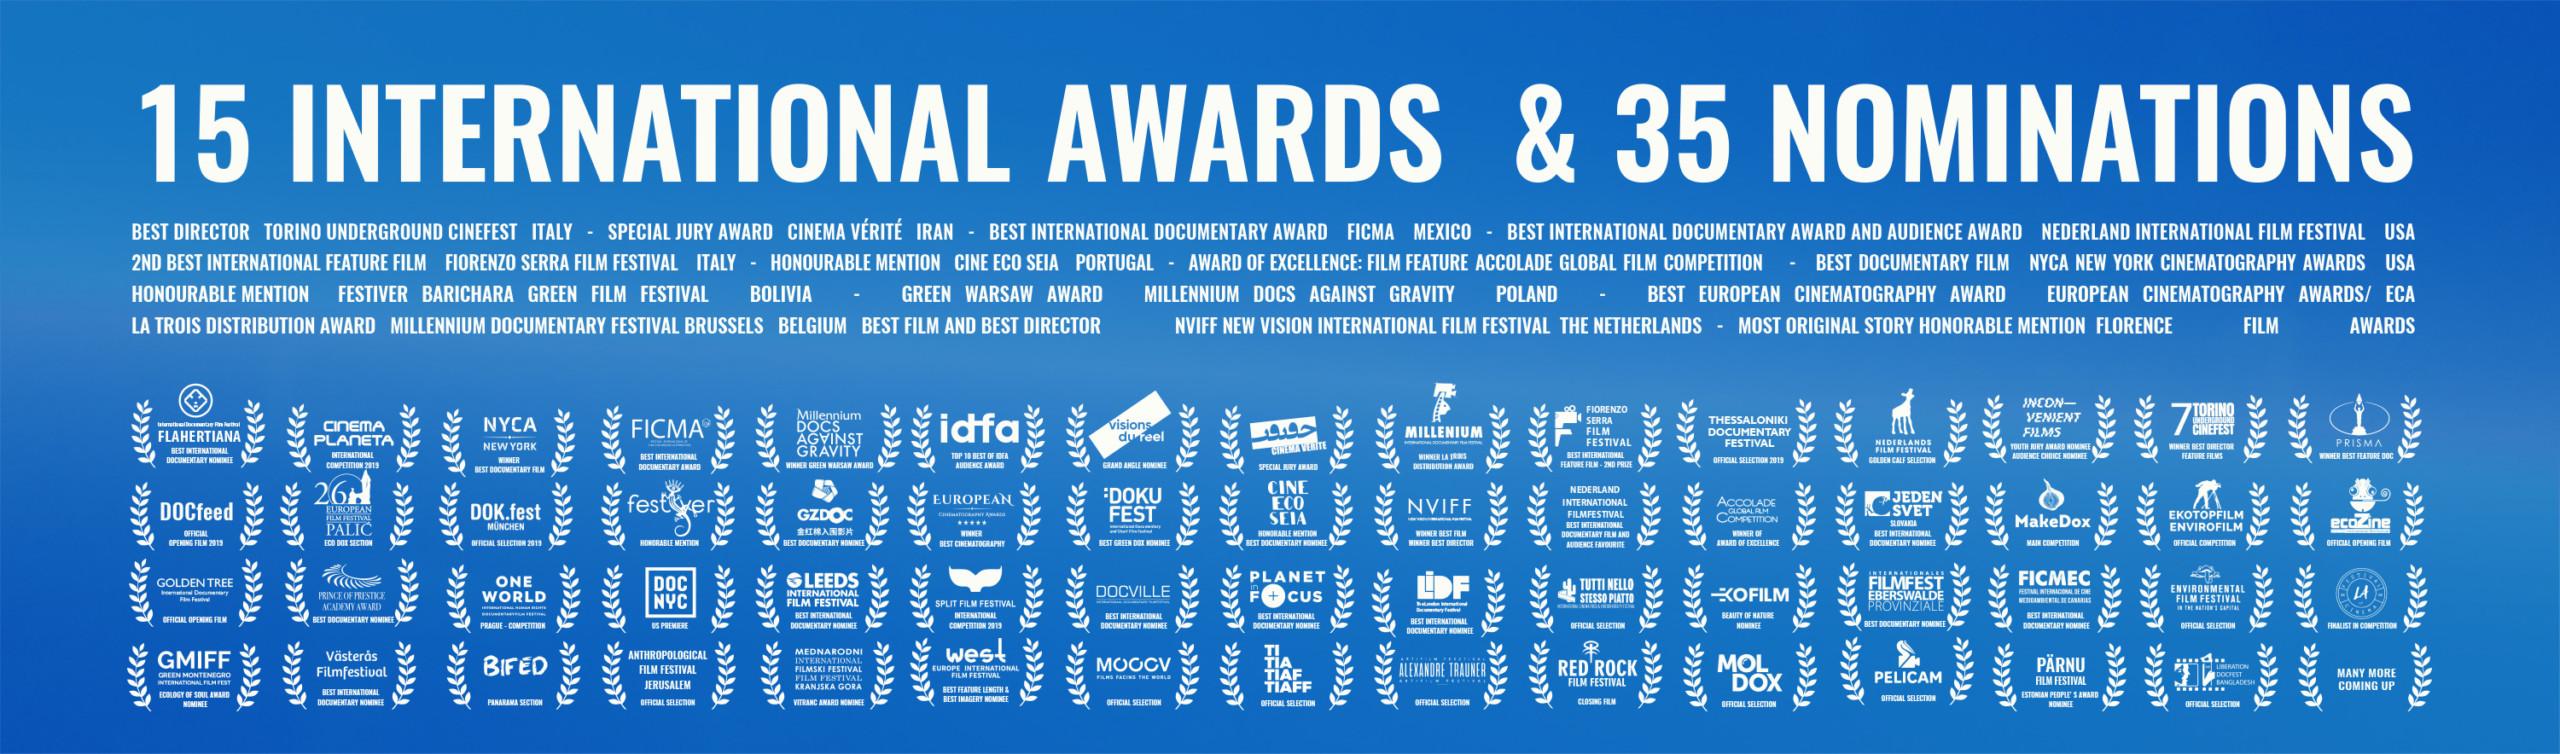 NOMINATIONS Ton-van-zantvoort-filmmaker - prijzen- awards-